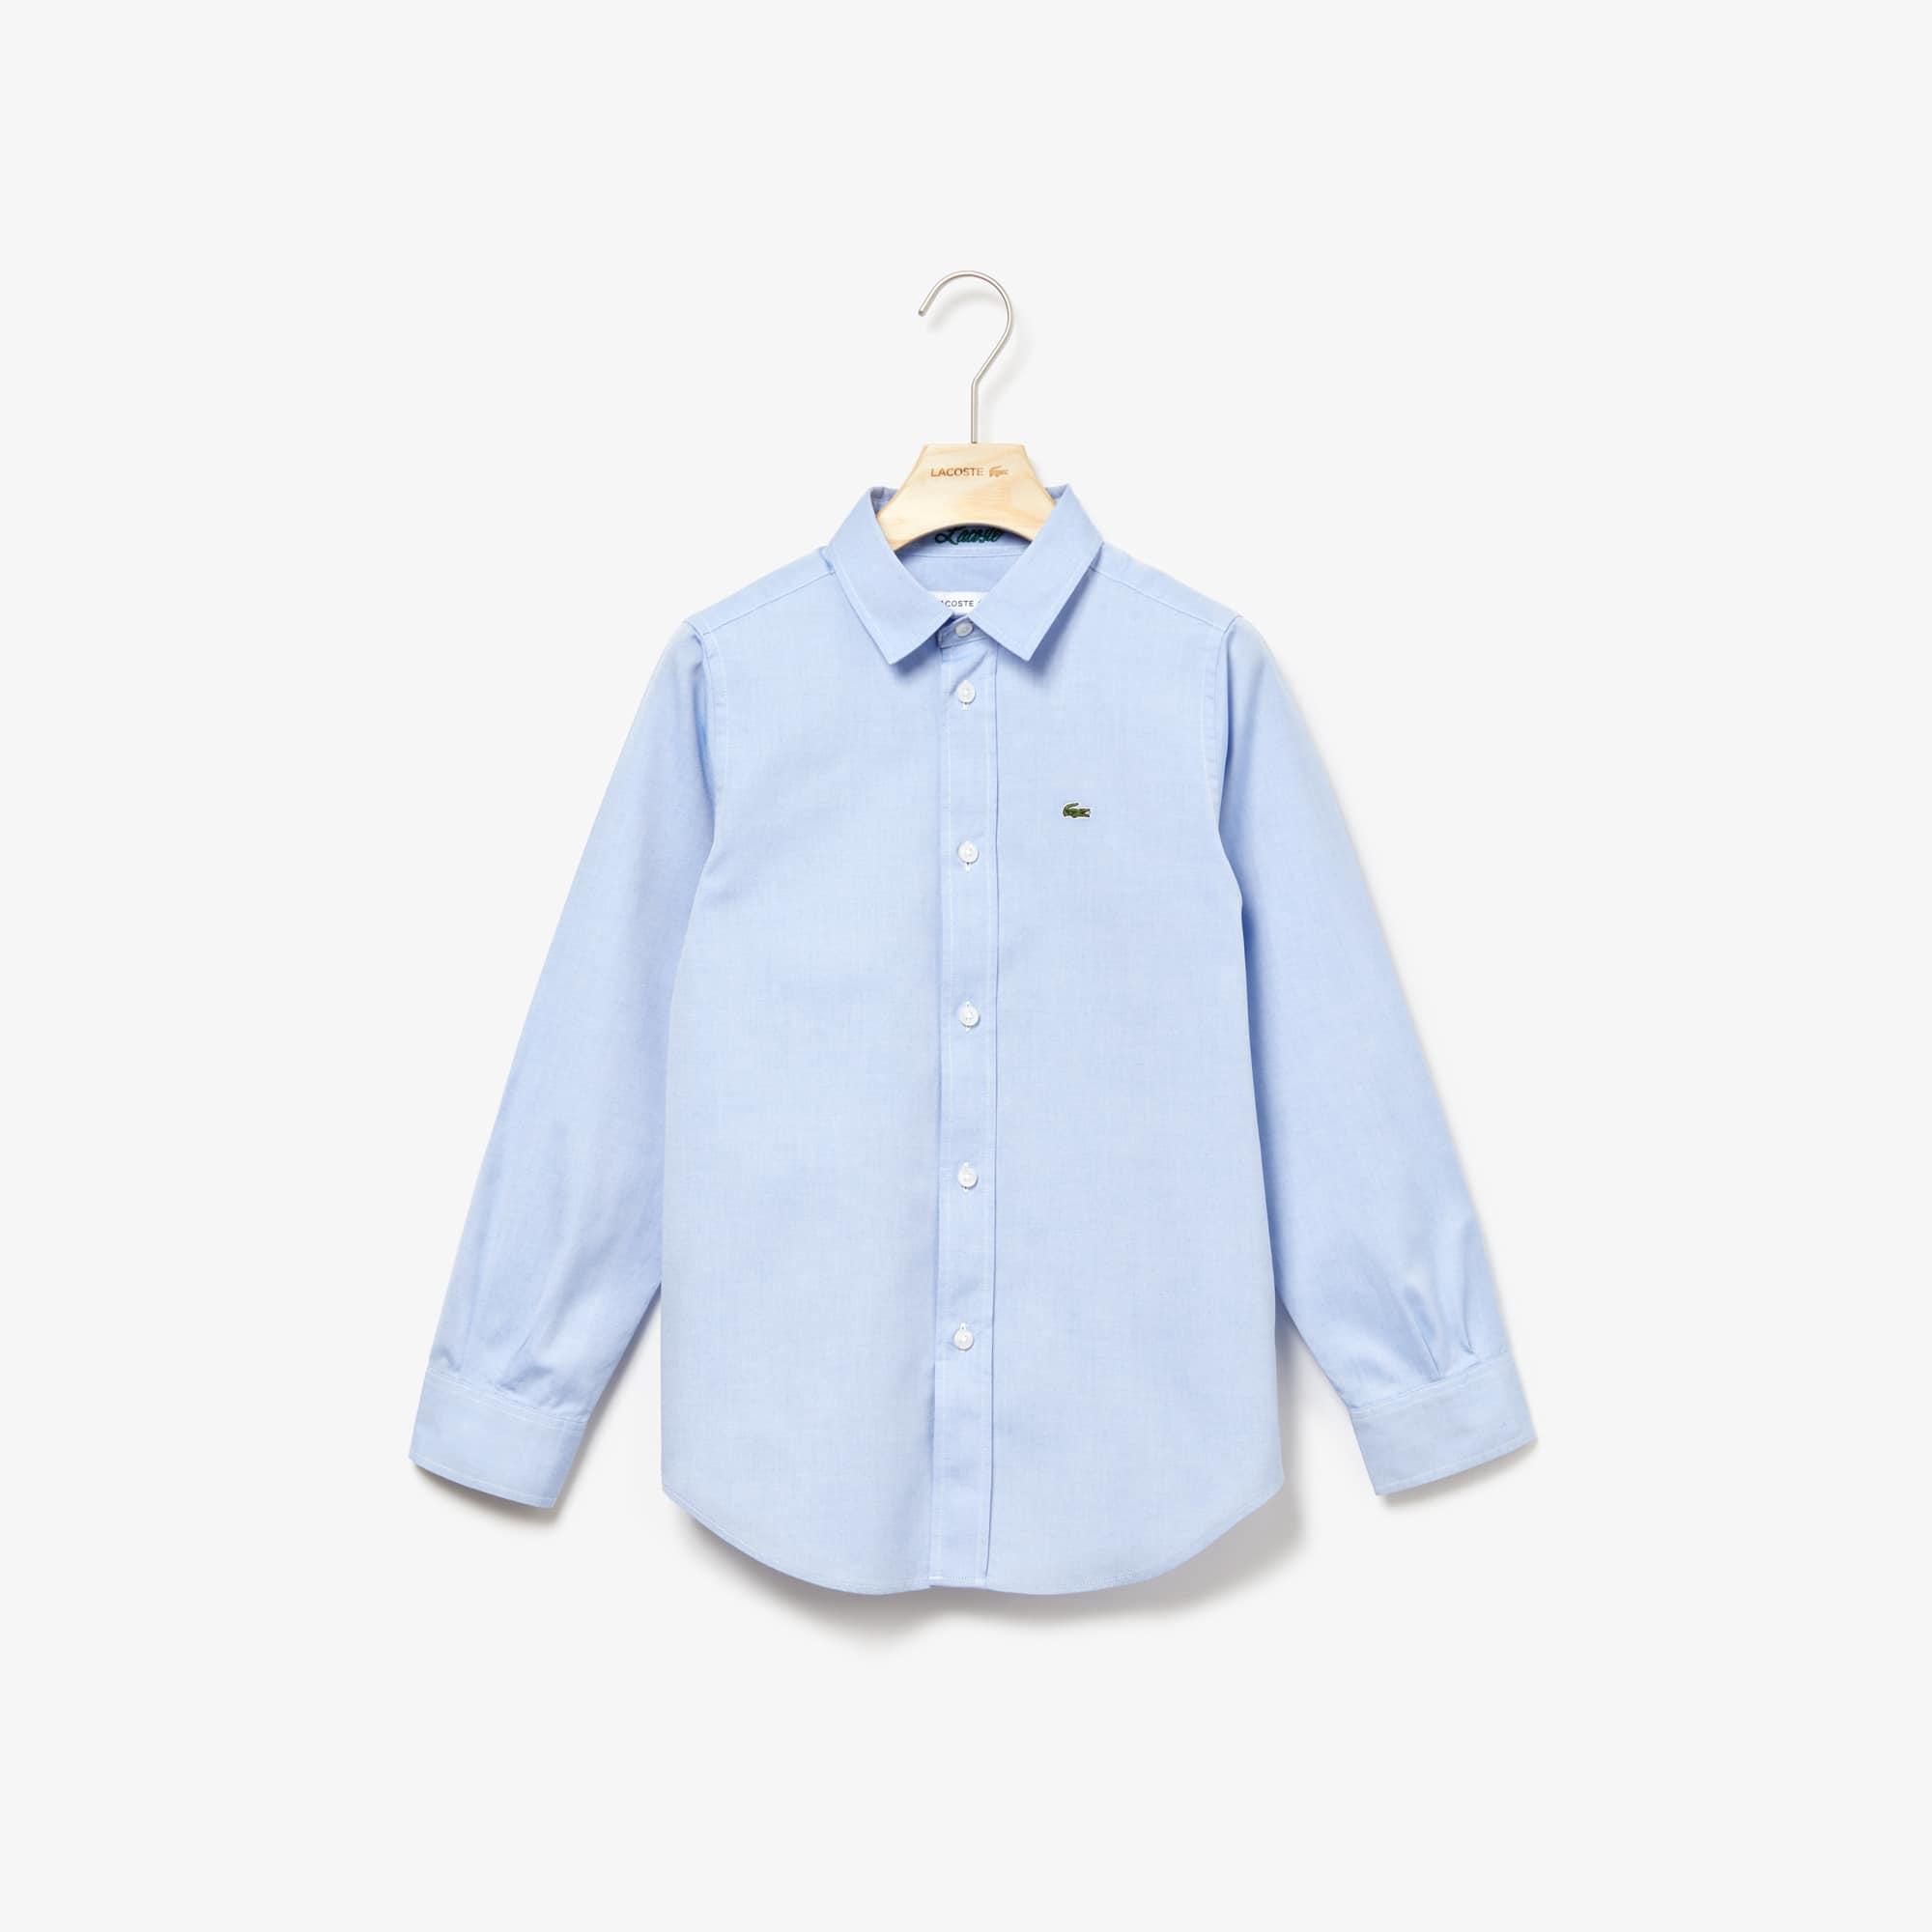 قميص للأولاد من قطن  محبوك